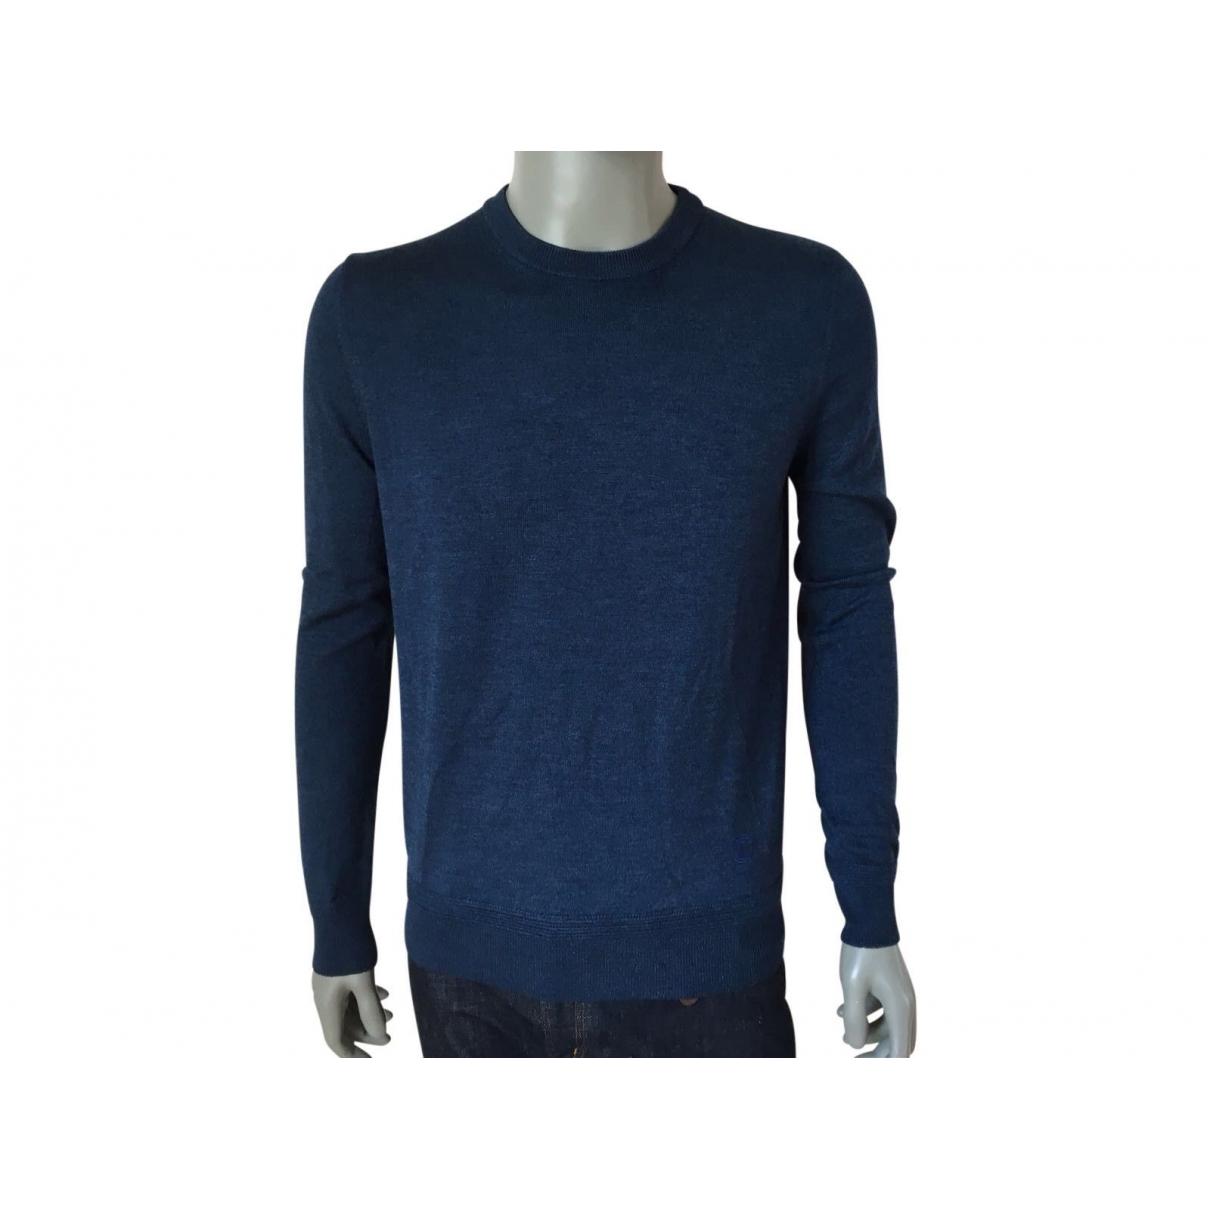 Louis Vuitton - Pulls.Gilets.Sweats   pour homme en laine - marine